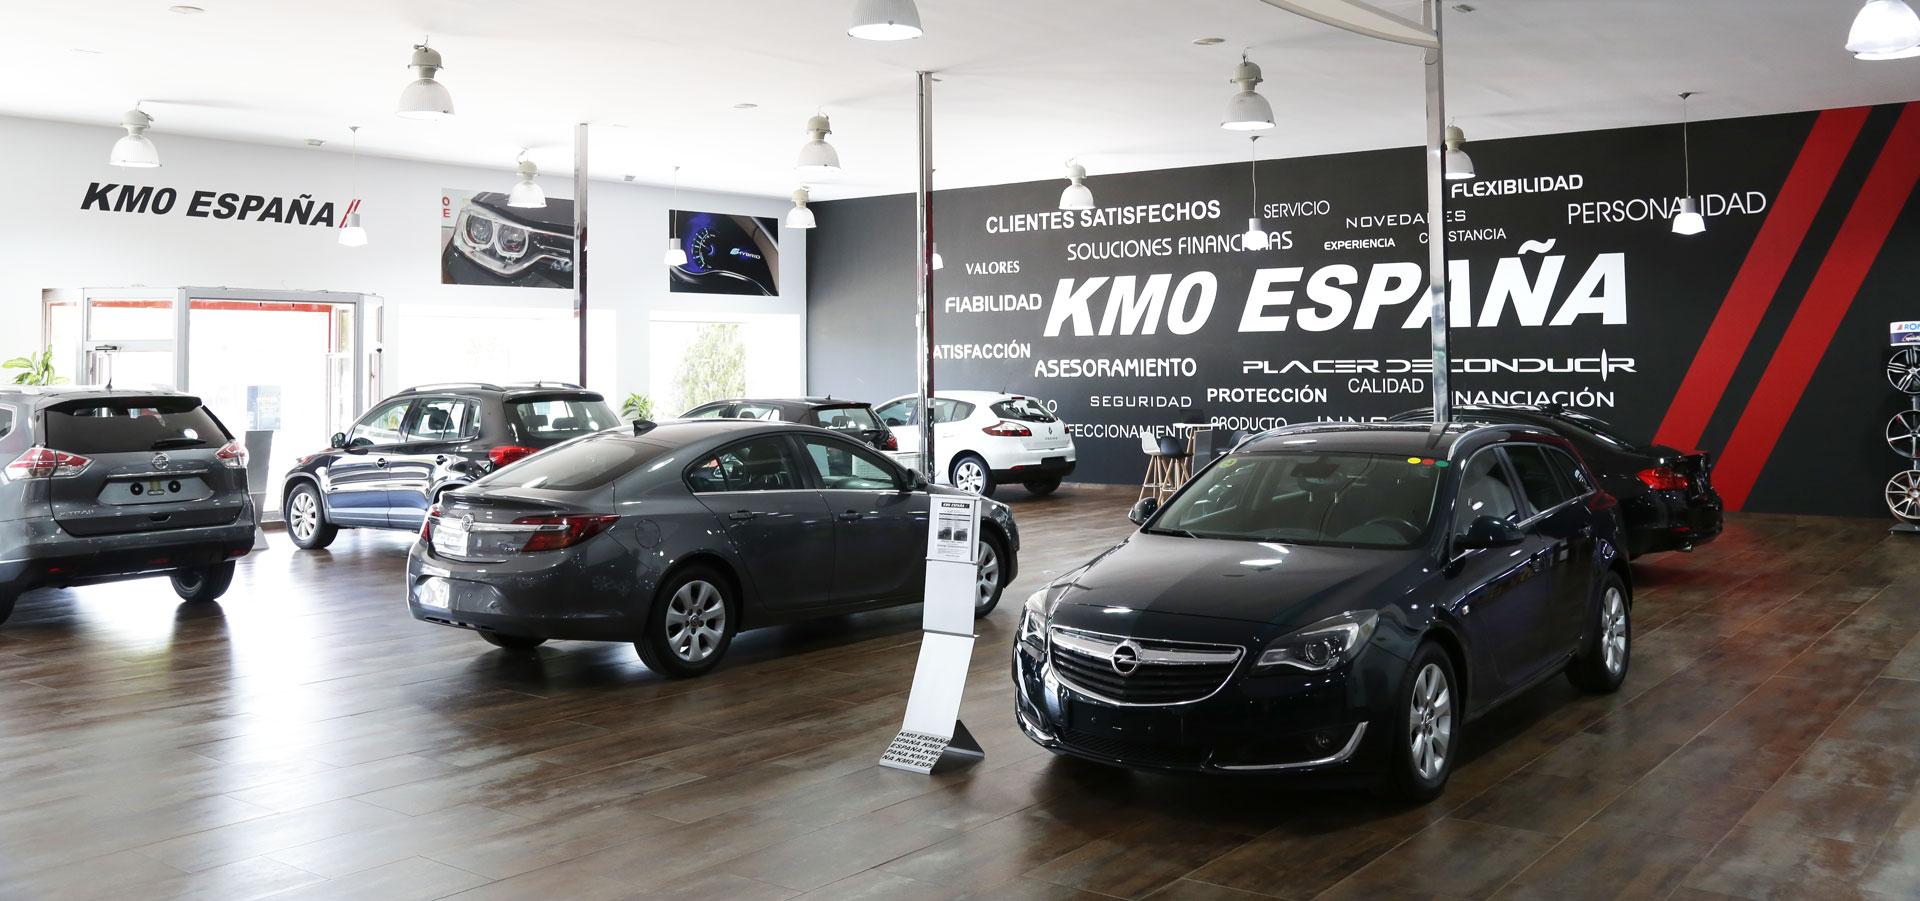 KM0-España-Vehículos-de-ocasión